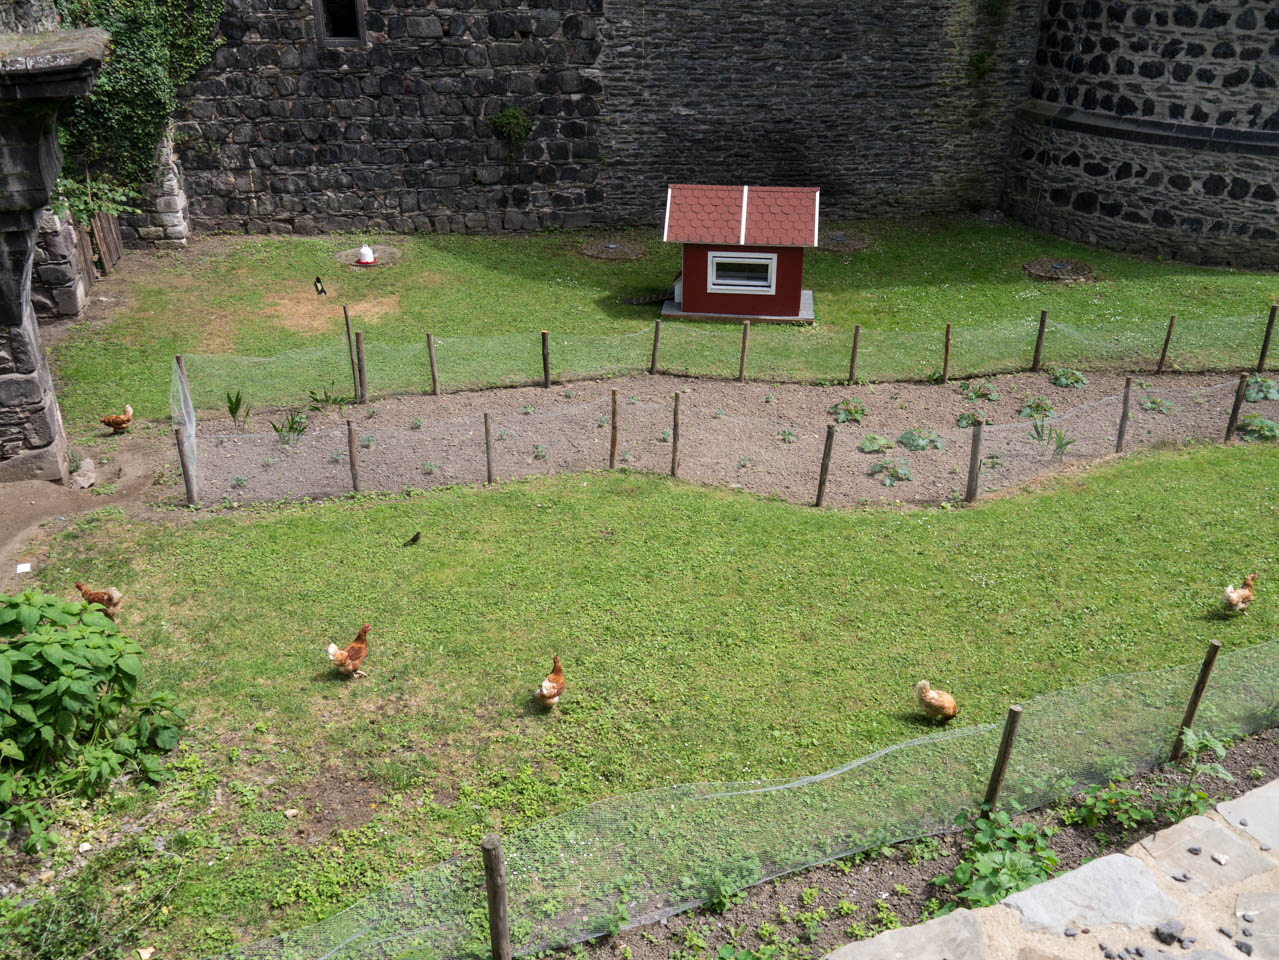 Hühner im Burggraben (1 von 1)